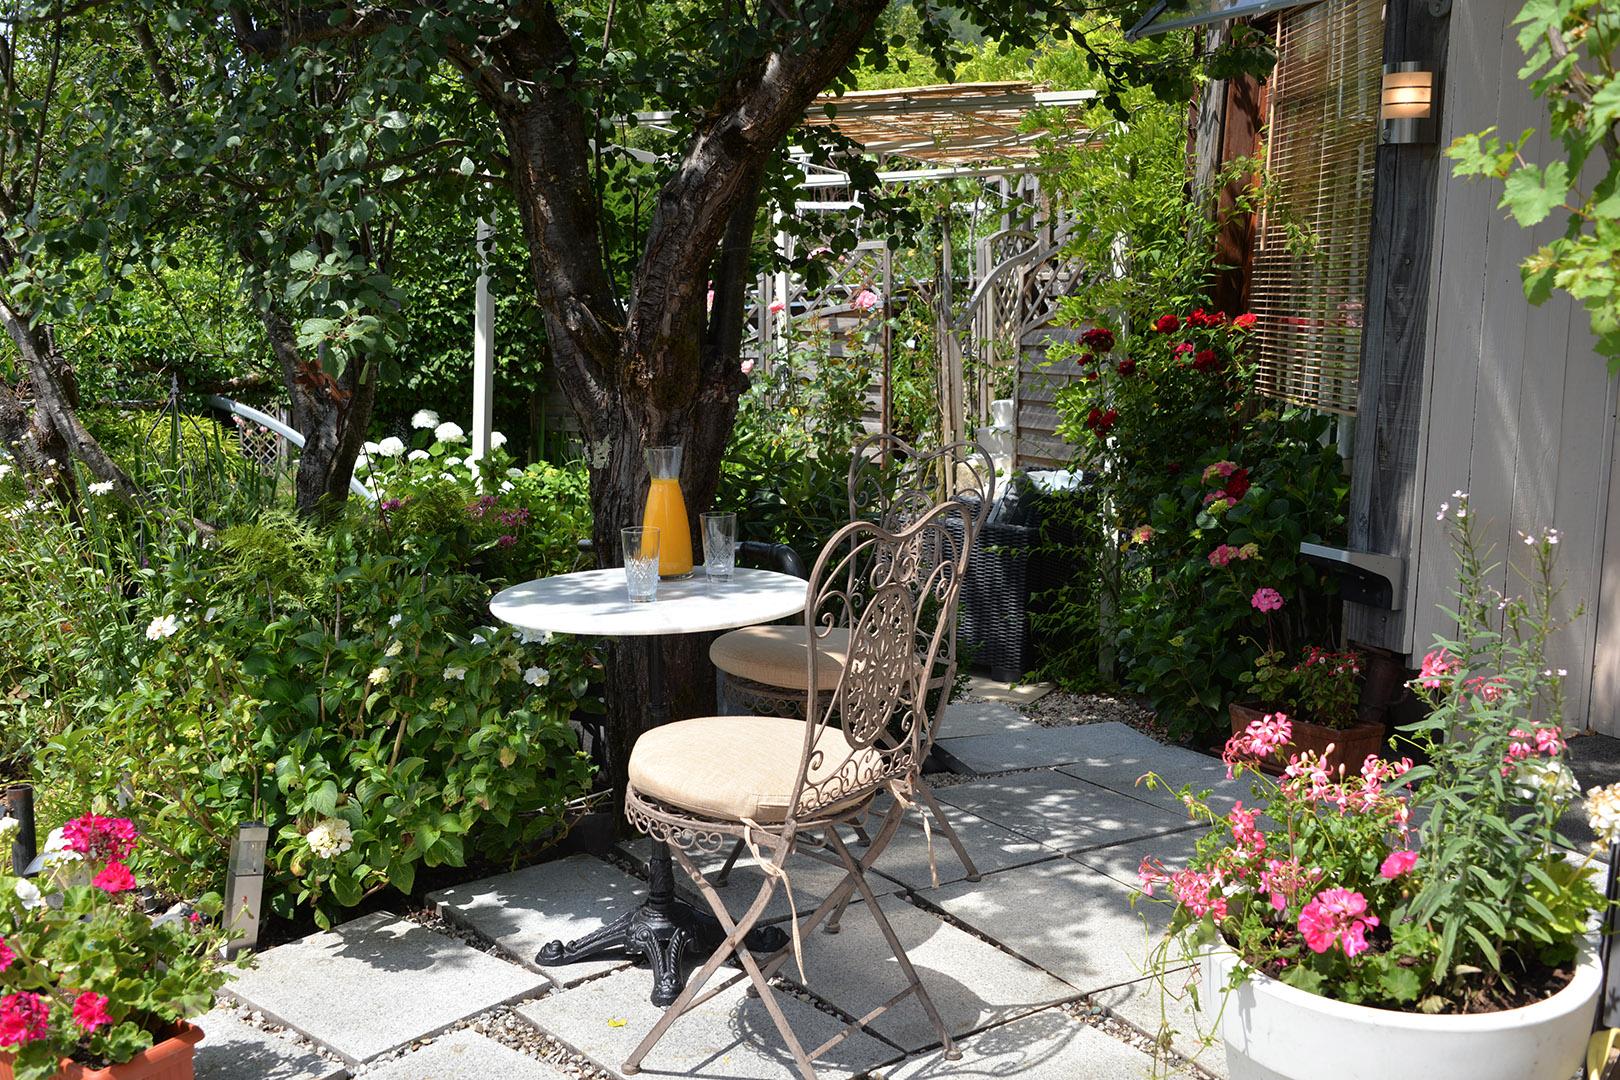 Chambre d 39 h tes les jardins d 39 isariya - Chambre d hote villars les dombes ...